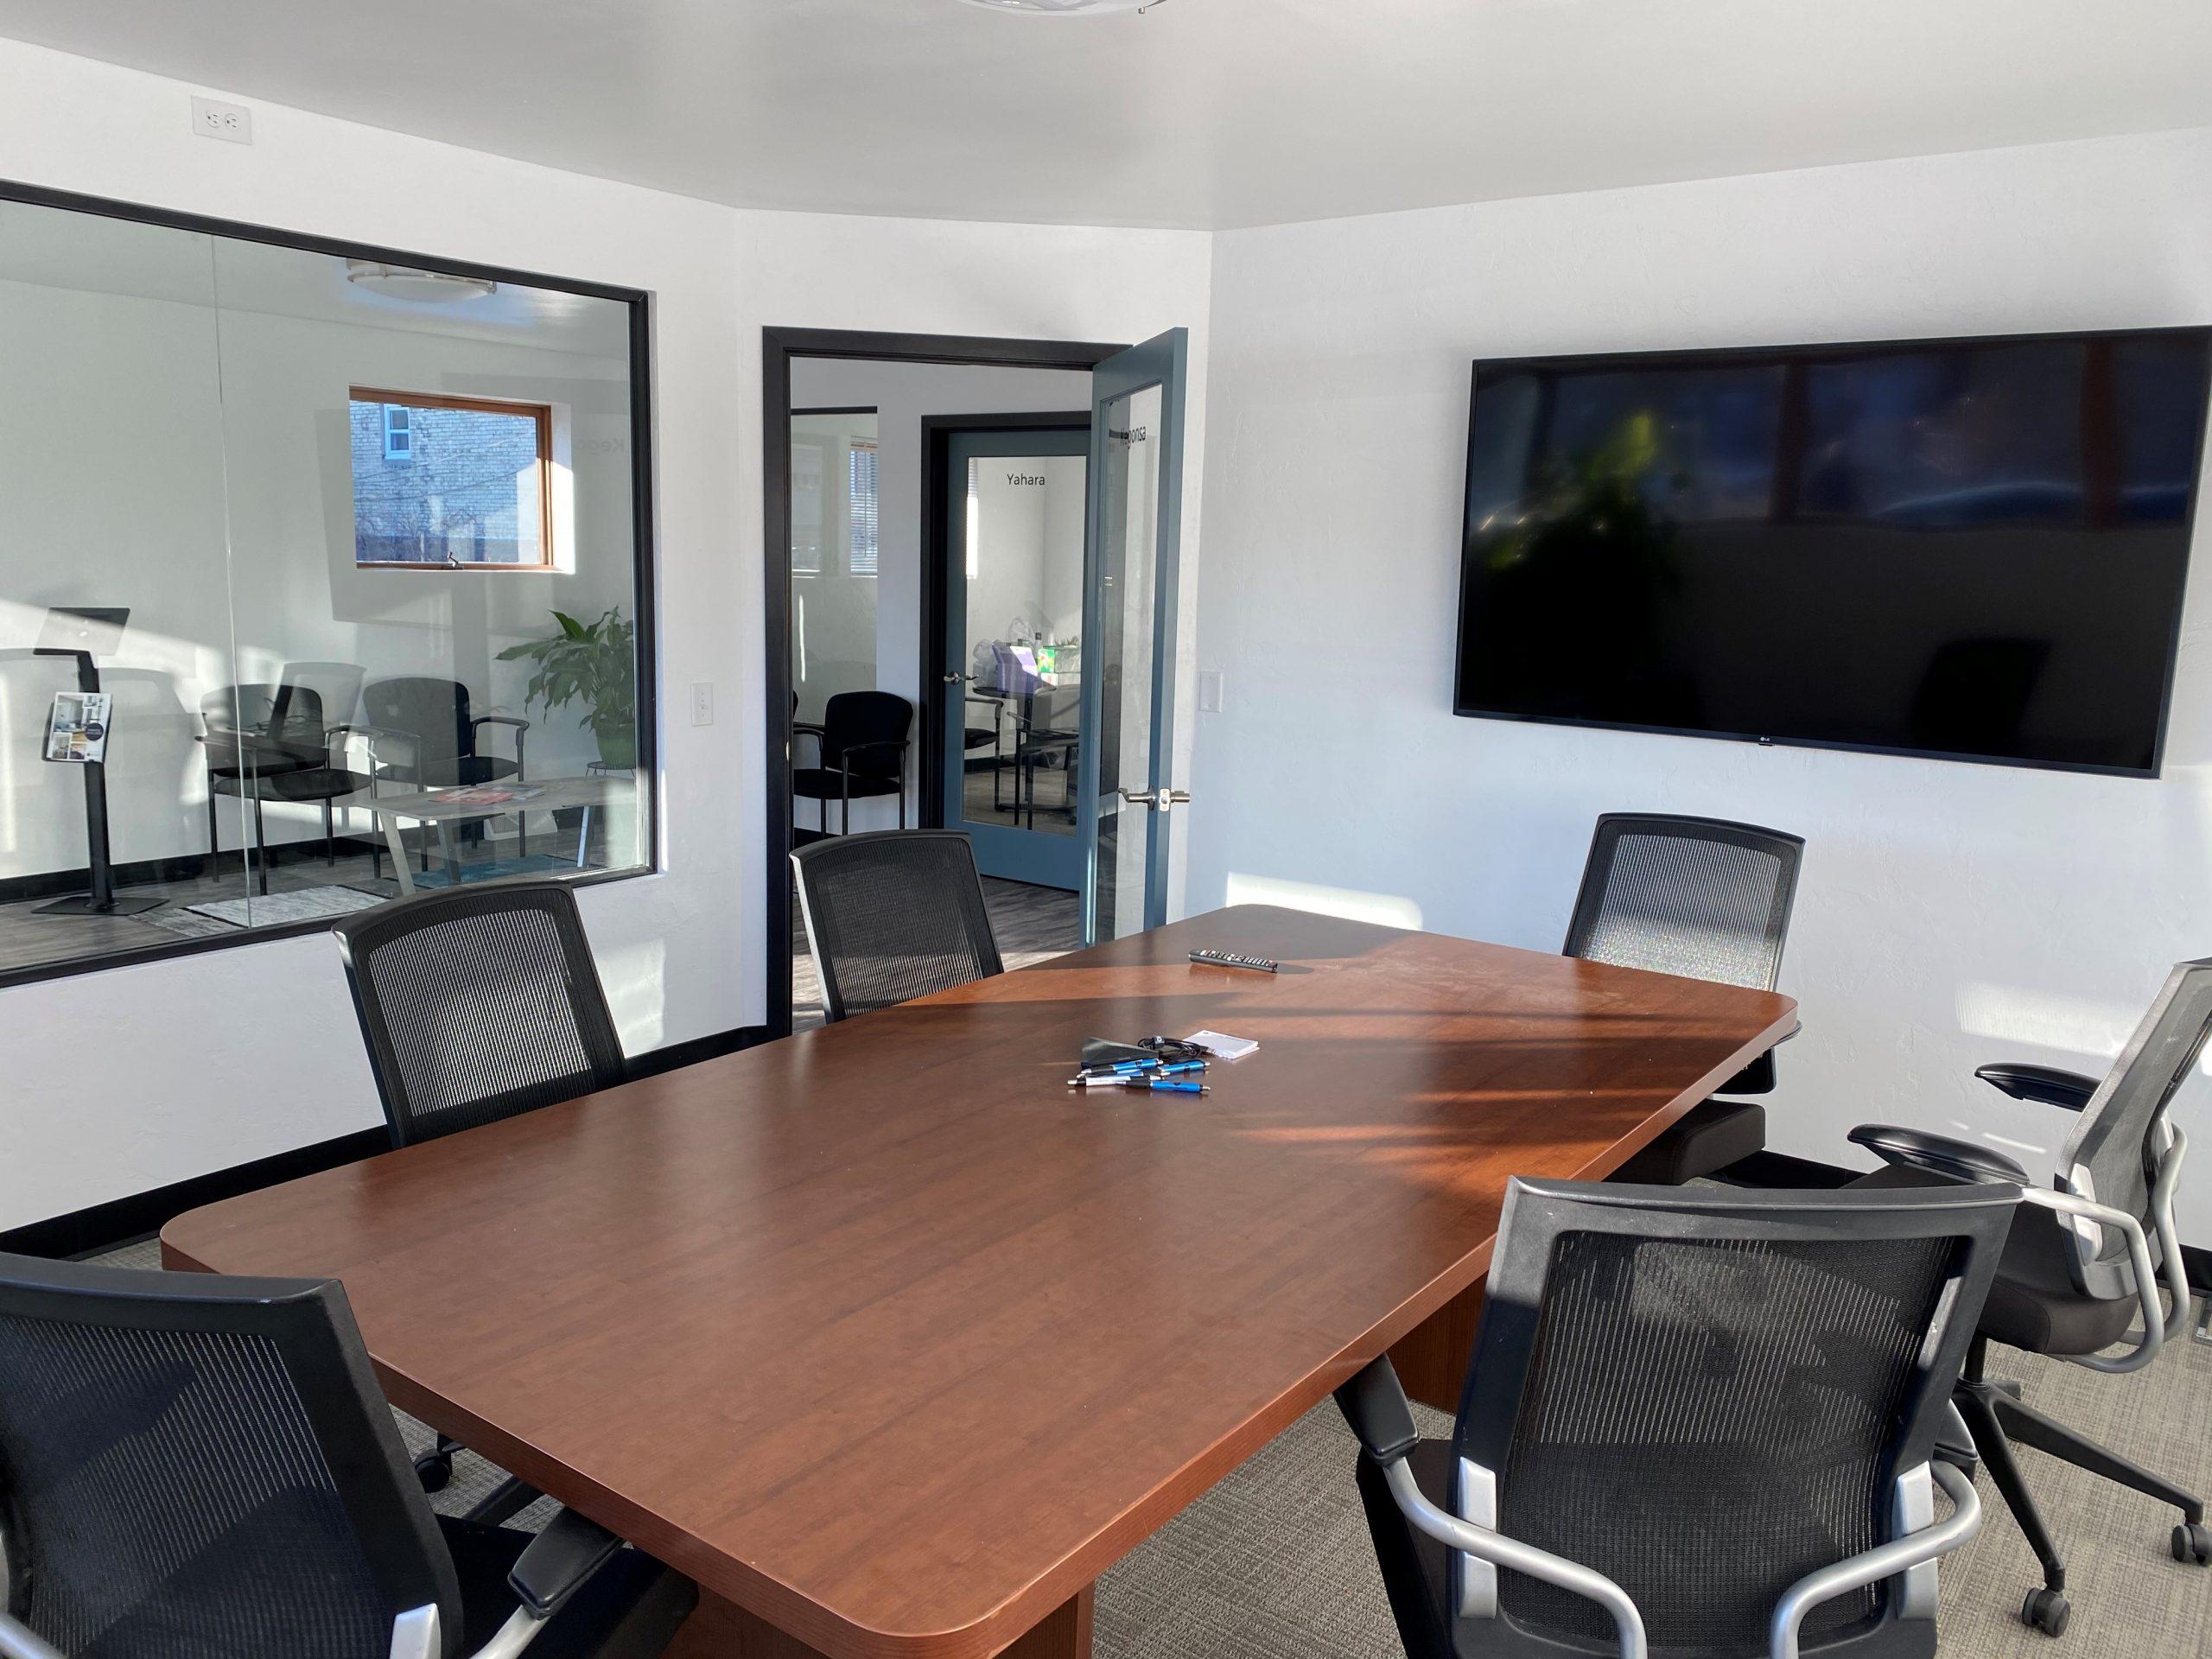 Kegonsa Conference Room 2